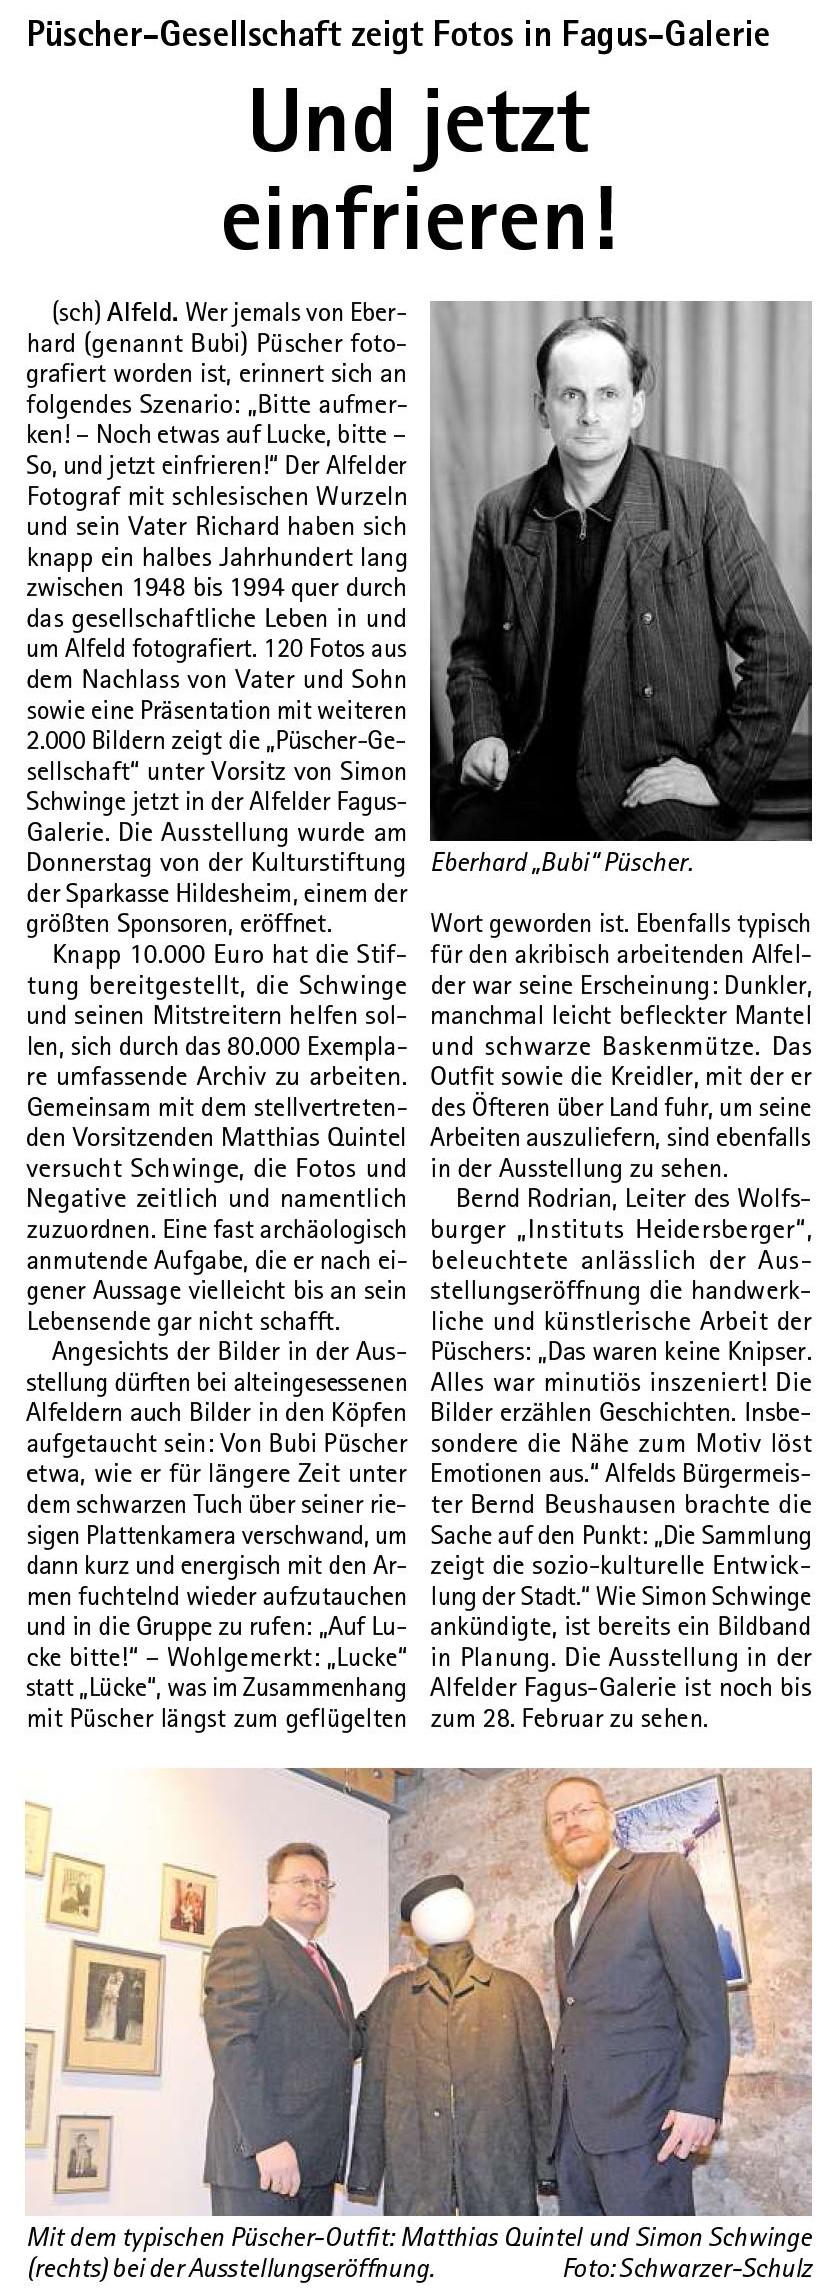 Kehrwieder vom 15.12.2013-VfH-Püscher-Ausstellungseröffnung